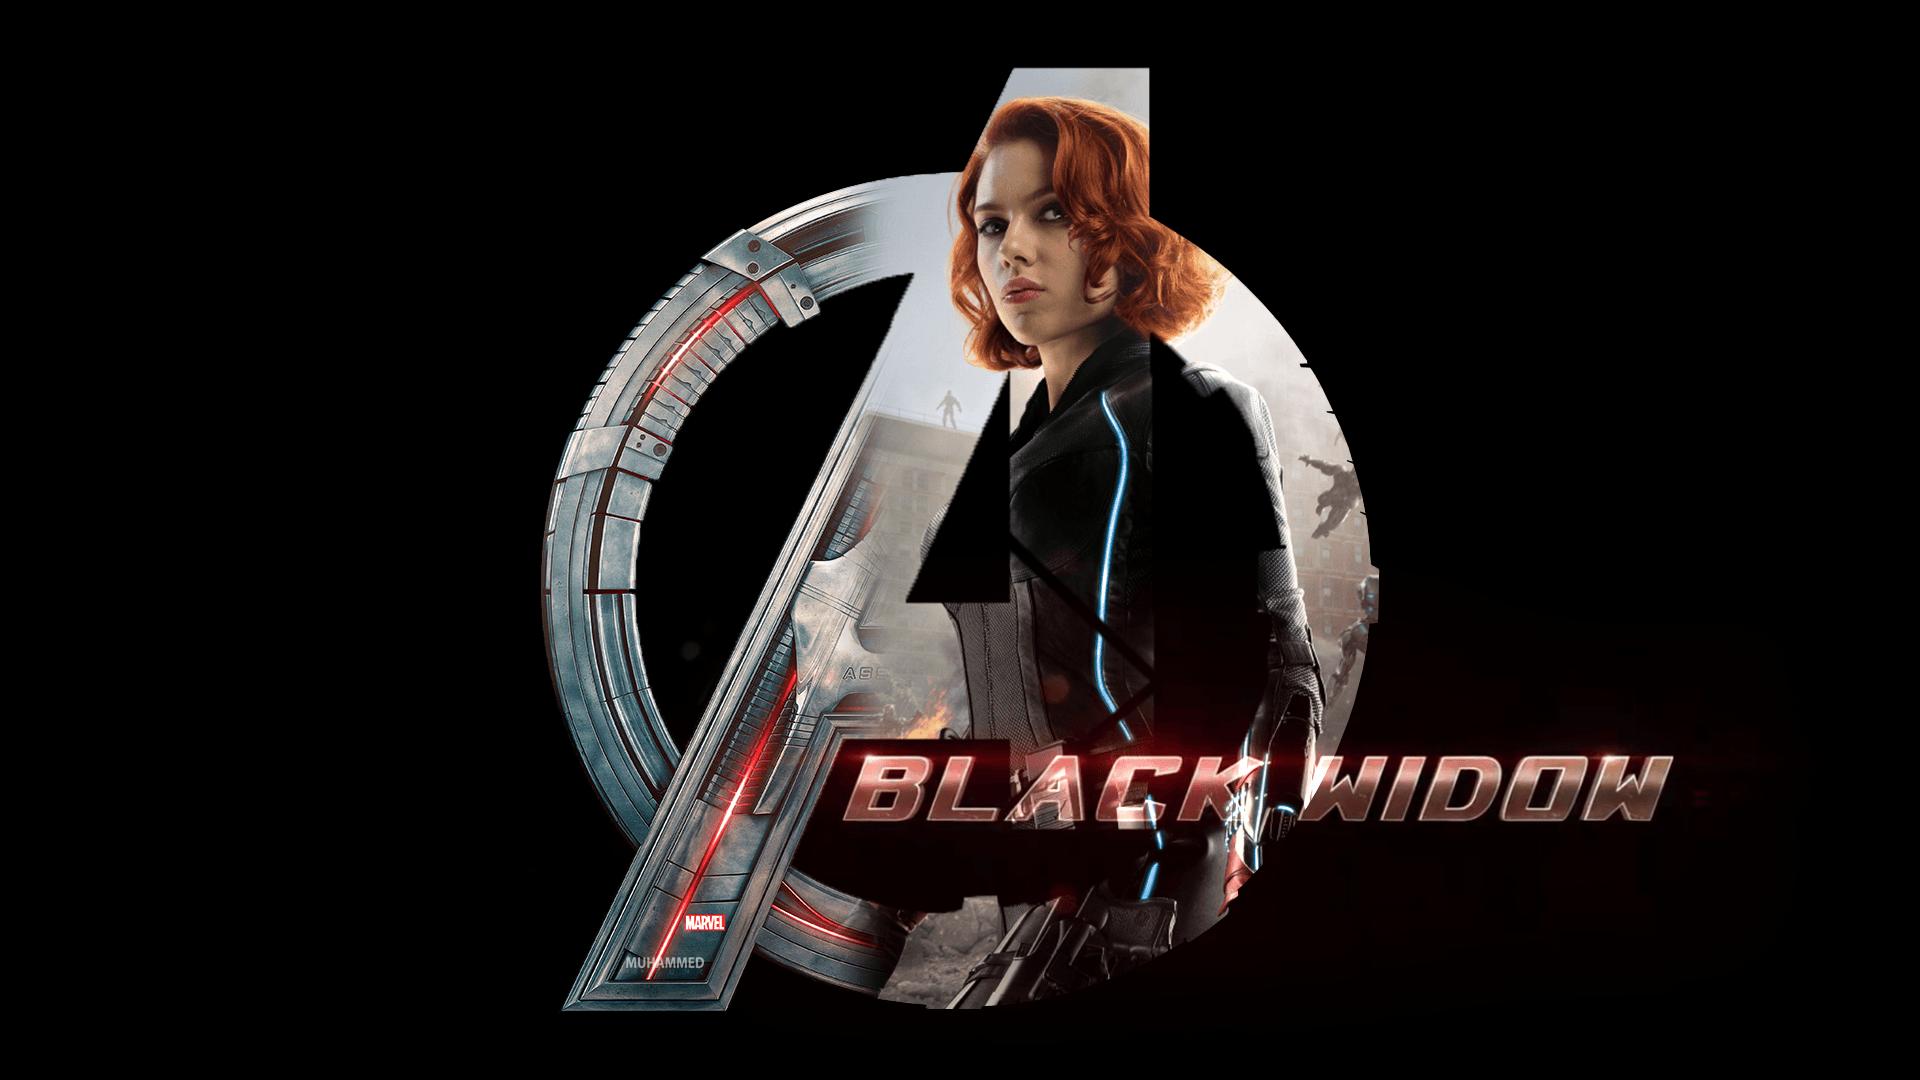 Scarlett Johansson redhead women Black Widow The Avengers .